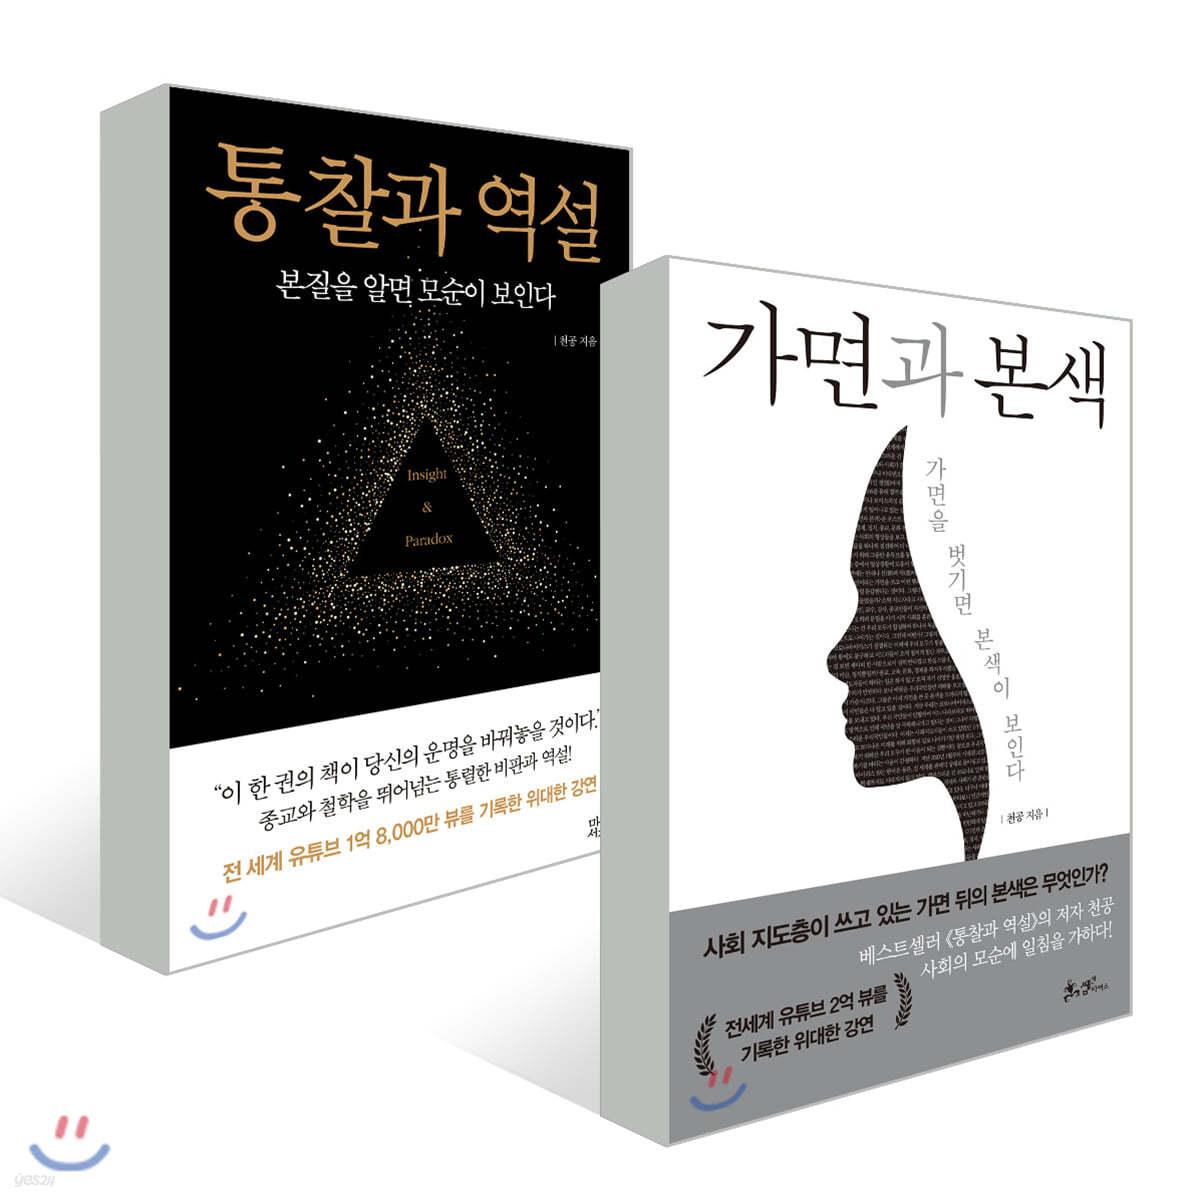 가면과 본색 + 통찰과 역설